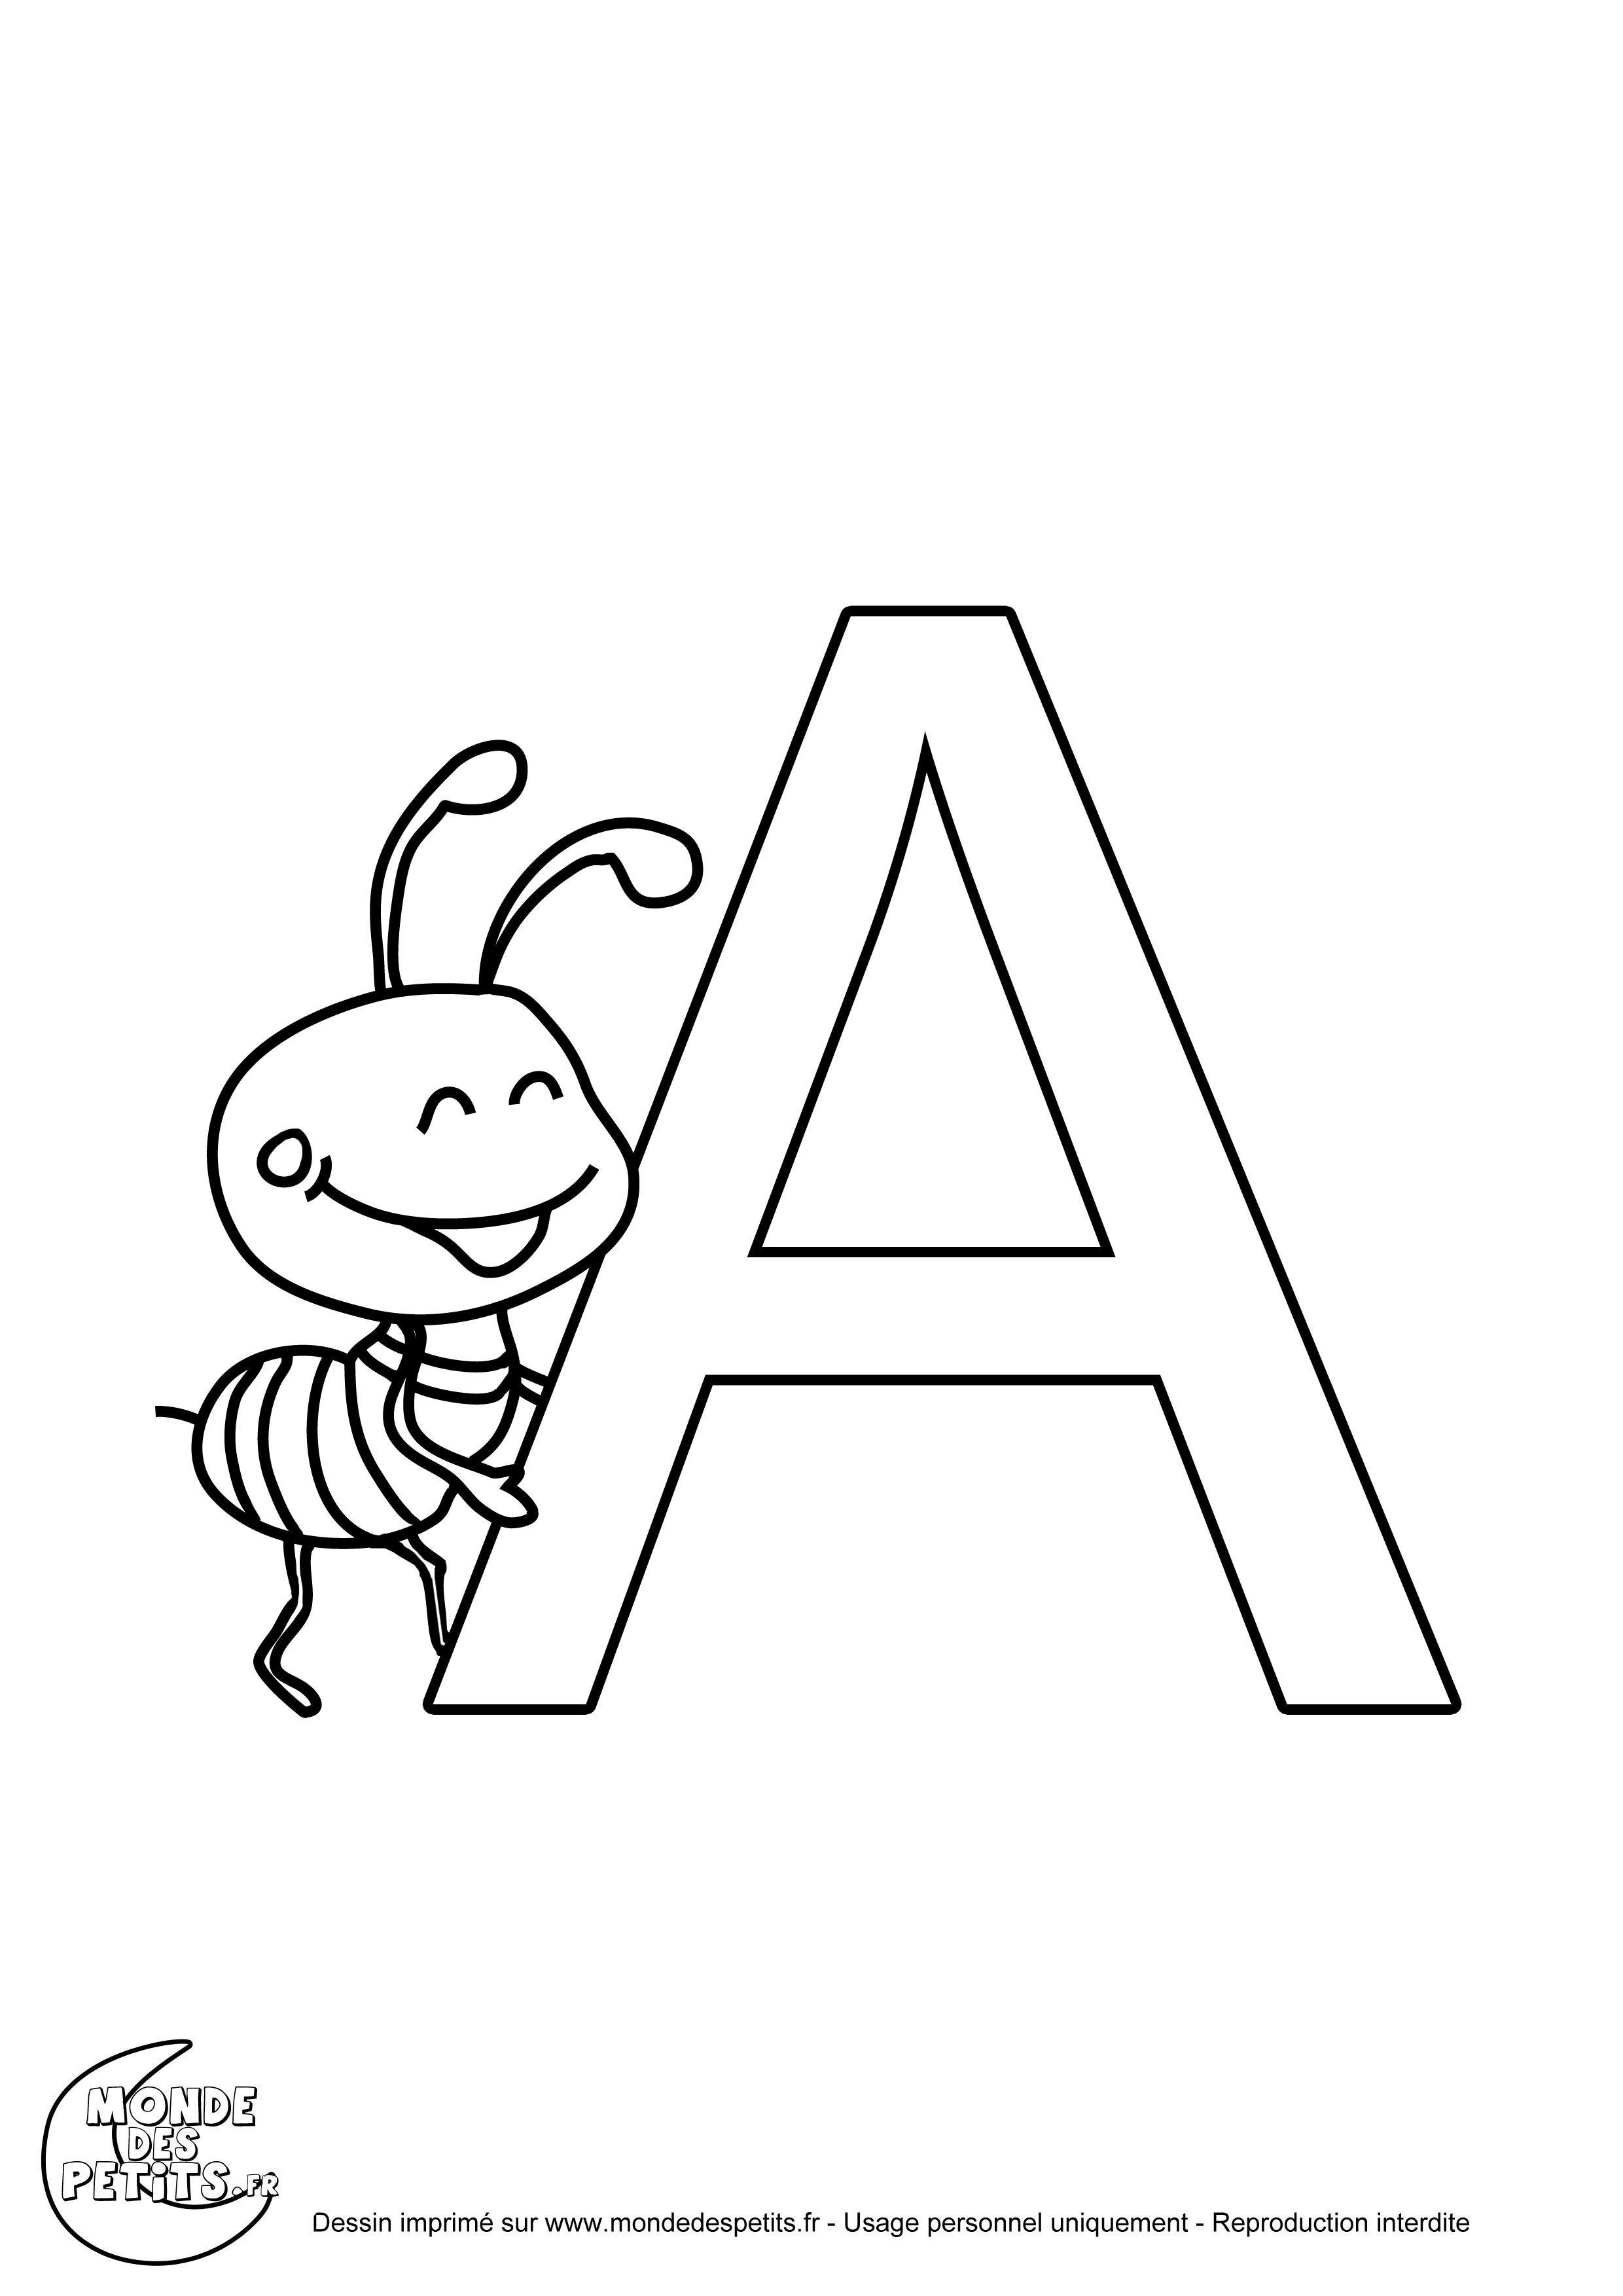 Pingl par magali dias sur activit maternelle alphabet et decals - Alphabet a colorier a imprimer ...